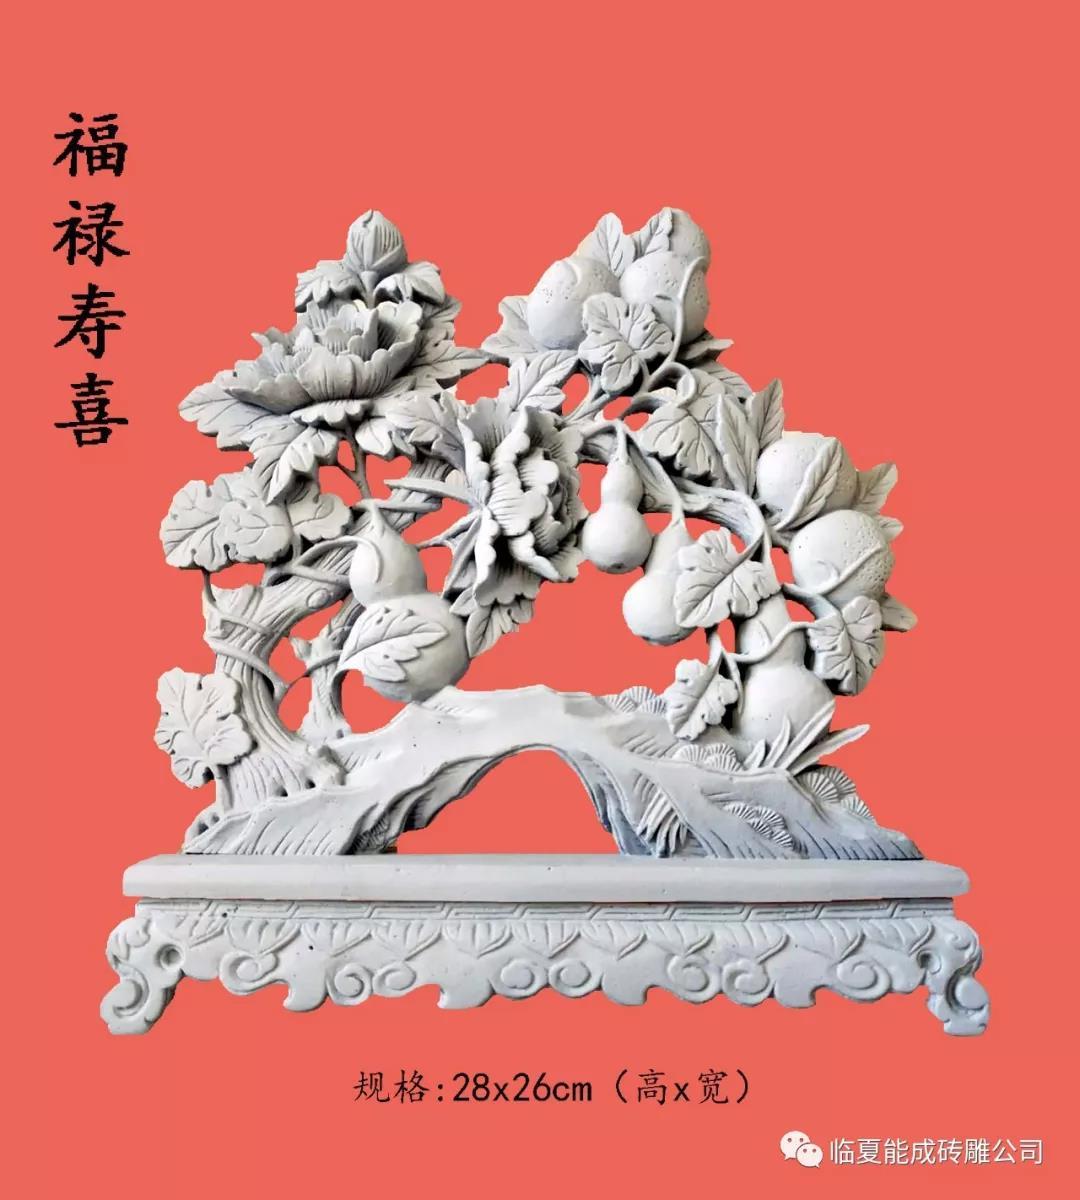 福禄寿喜砖雕工艺品